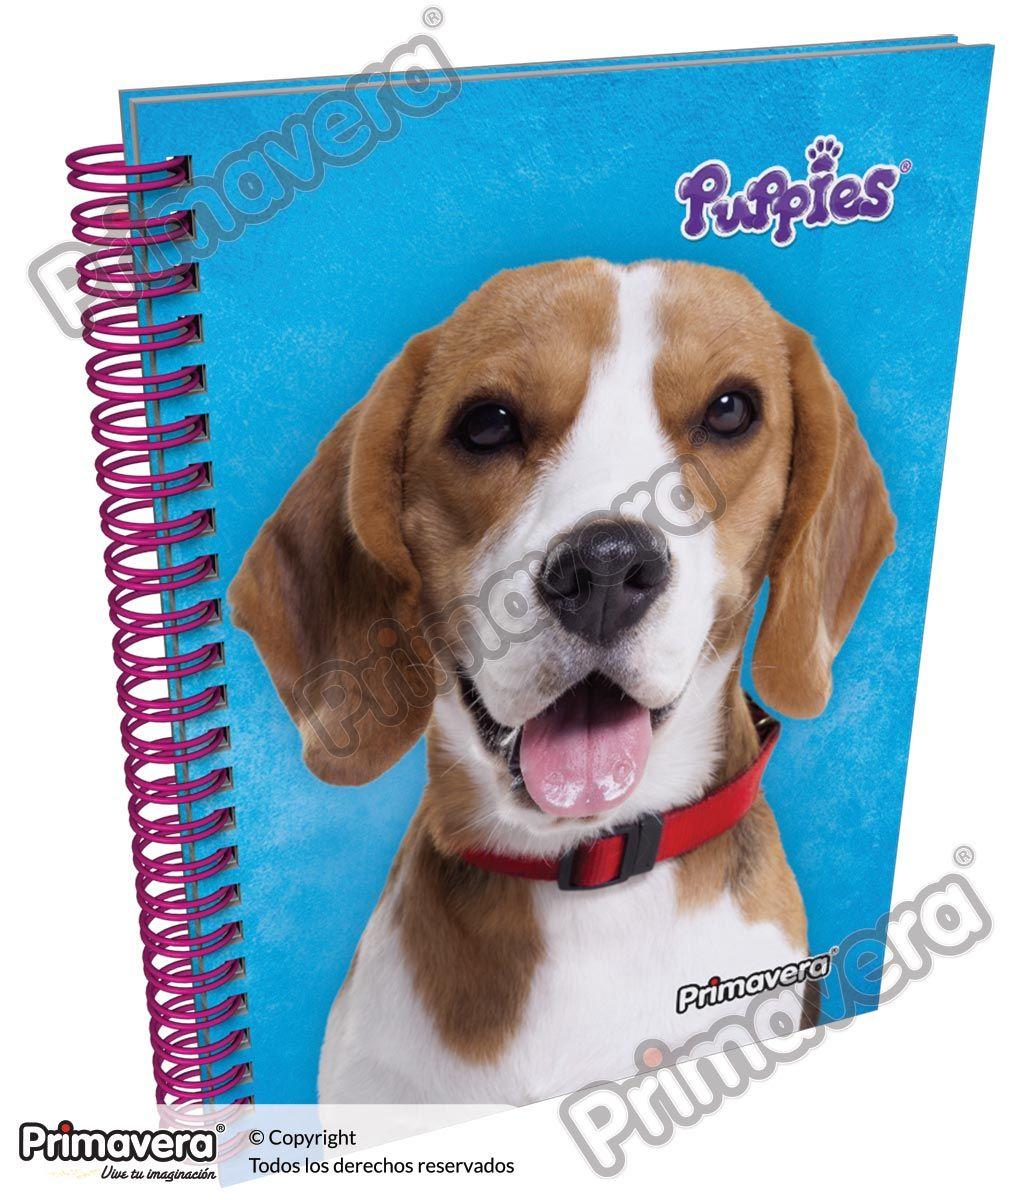 Cuaderno Pasta Dura Puppies http://escolar.papelesprimavera.com/product/cuaderno-pasta-dura-puppies-primavera-6/